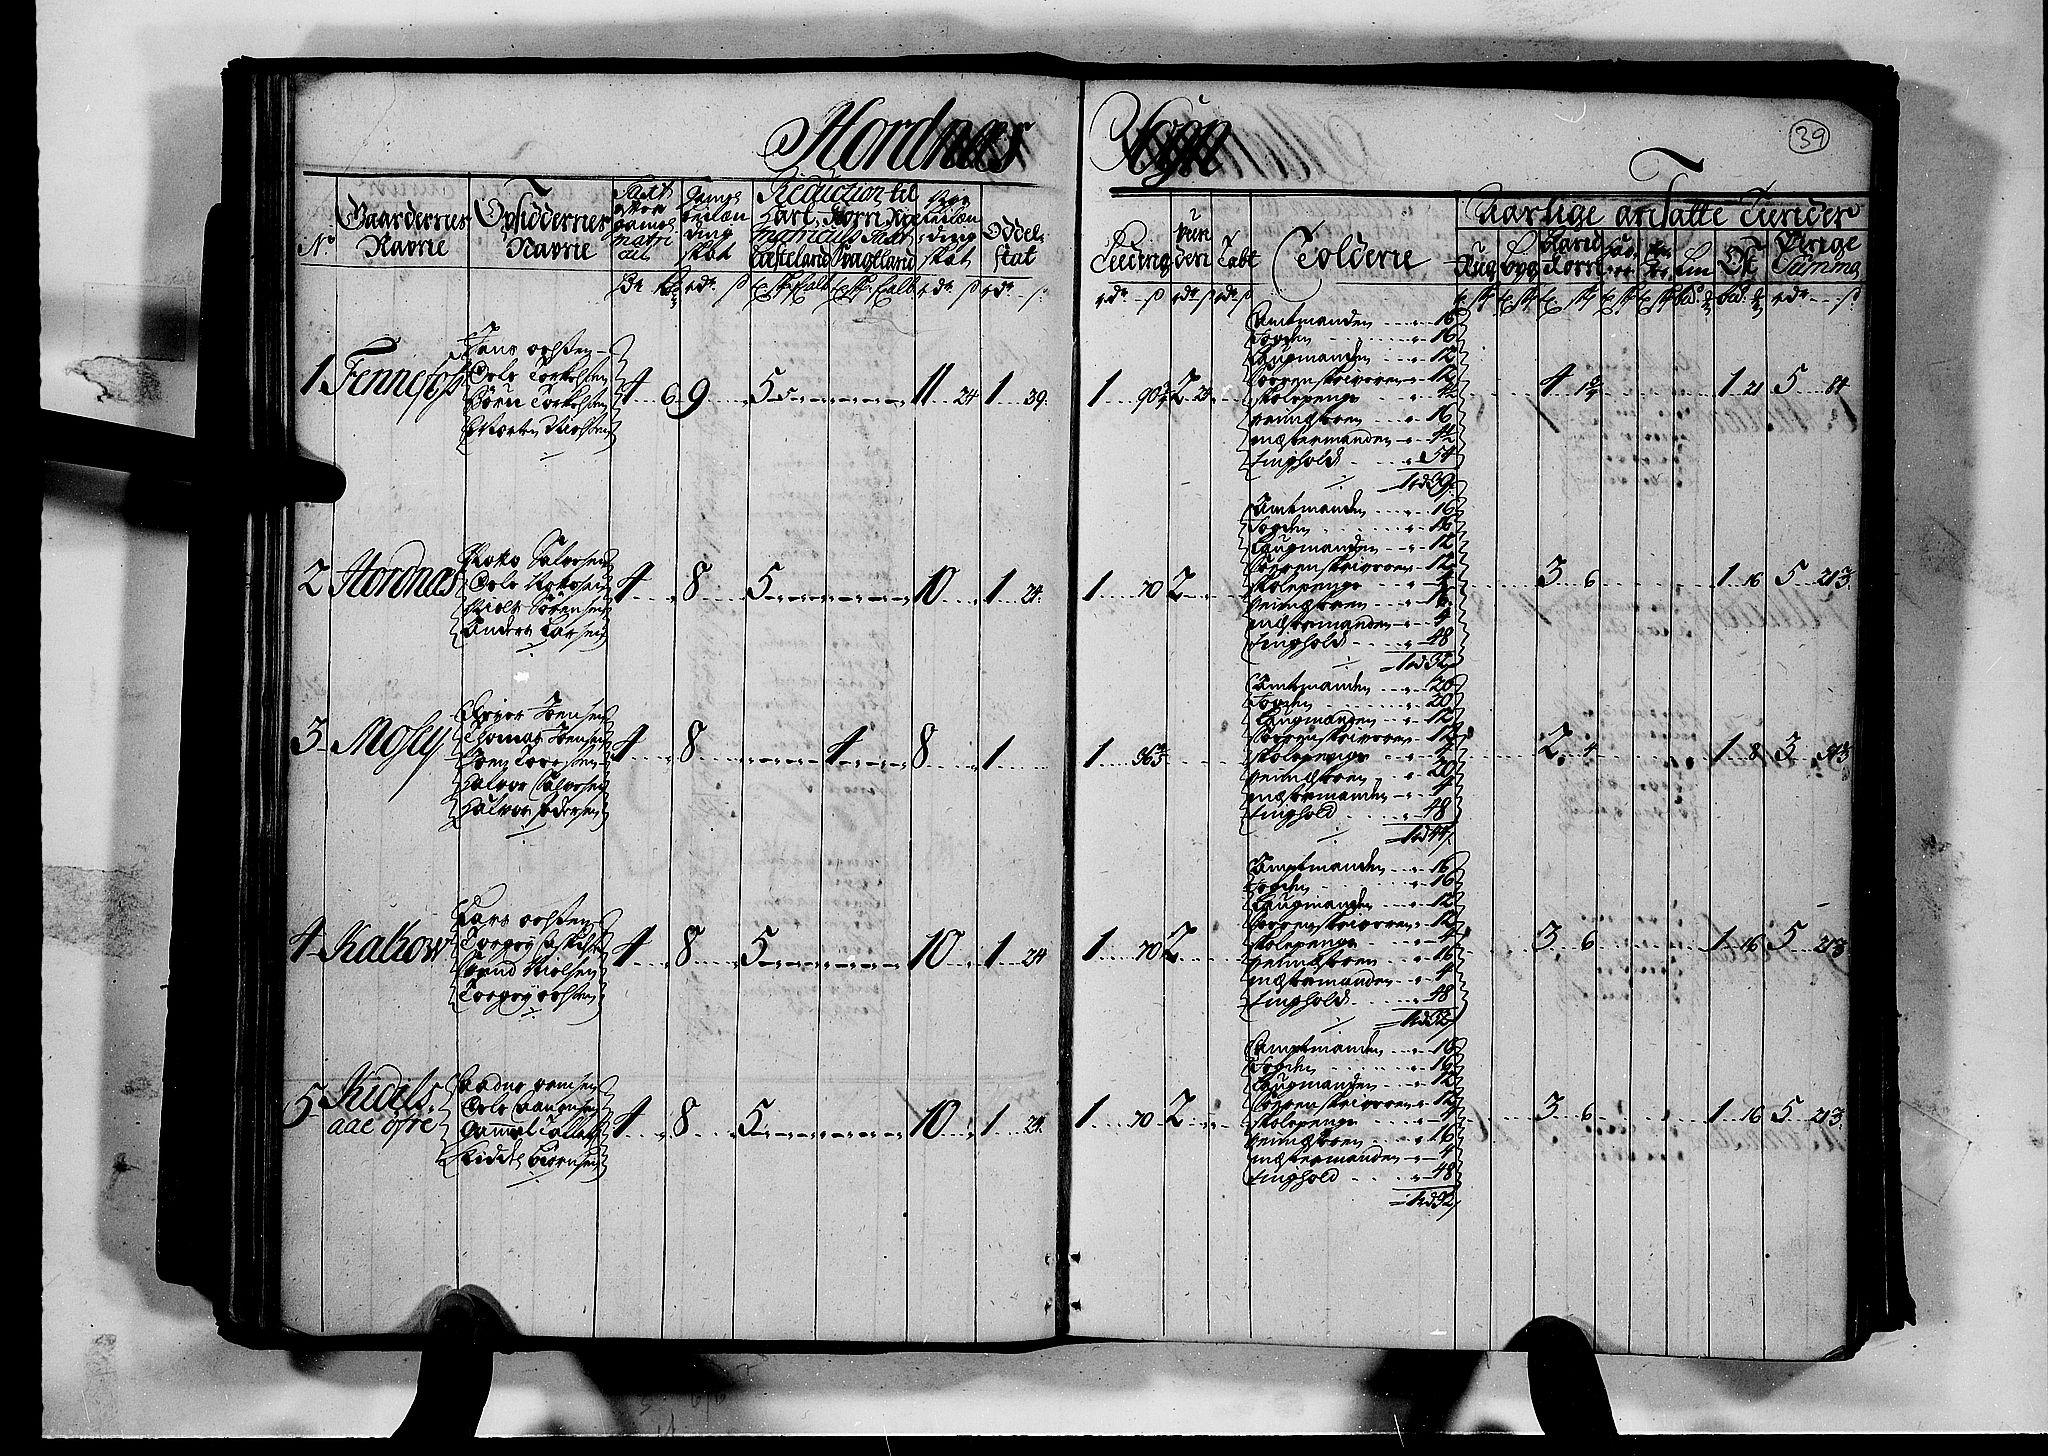 RA, Rentekammeret inntil 1814, Realistisk ordnet avdeling, N/Nb/Nbf/L0126: Råbyggelag matrikkelprotokoll, 1723, s. 38b-39a